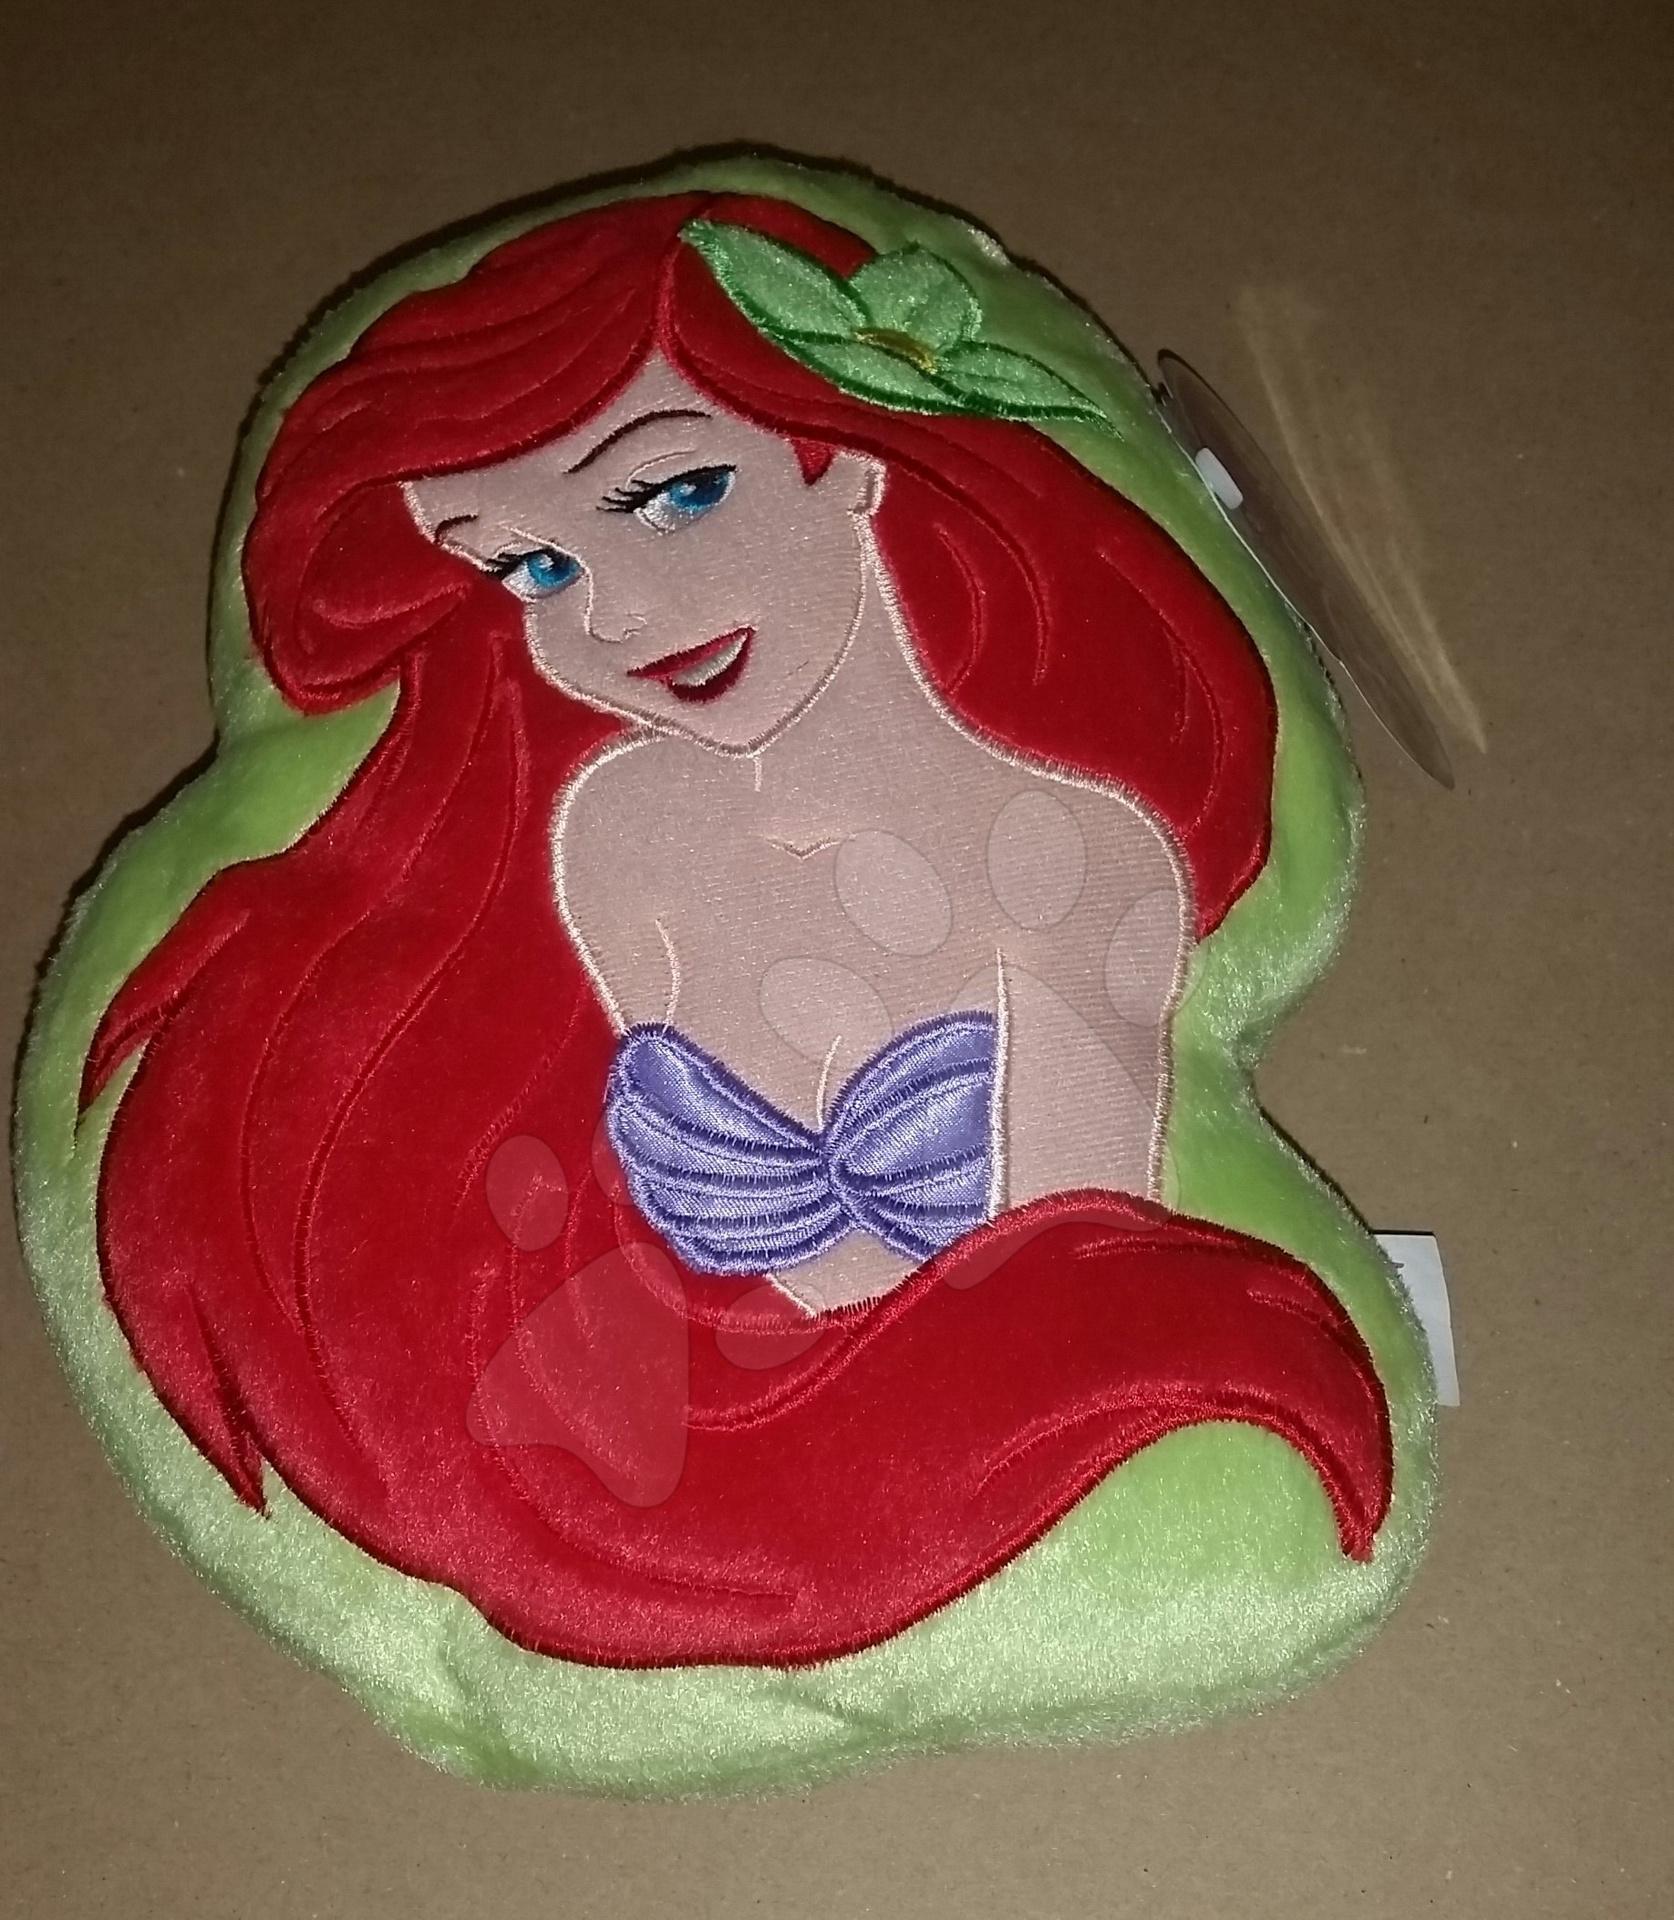 Plyšový polštářek Disney Malá mořská víla Ilanit 28*20 cm zelený